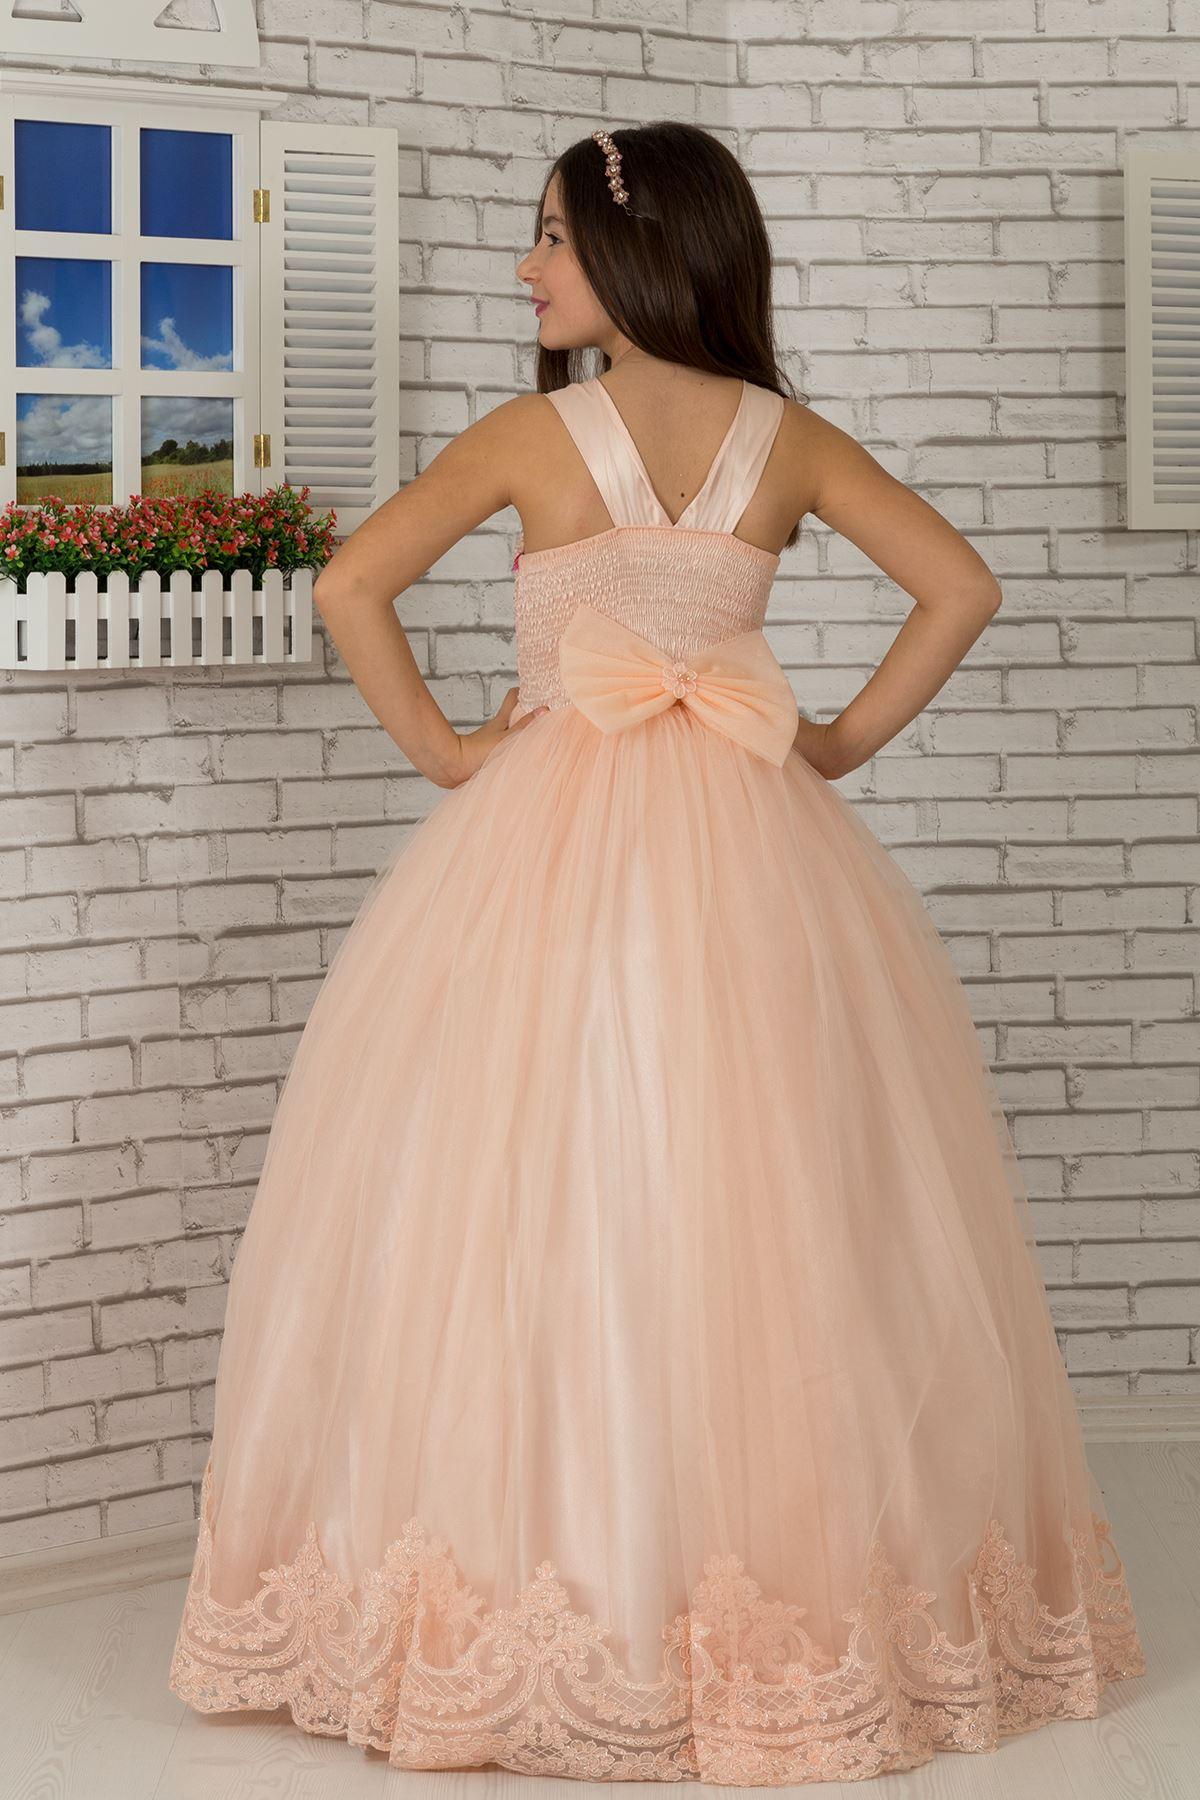 Специално тяло с пайети, бродирана апликация, детайлна подгъваща вечерна рокля на пухкаво момиче 600 сьомга